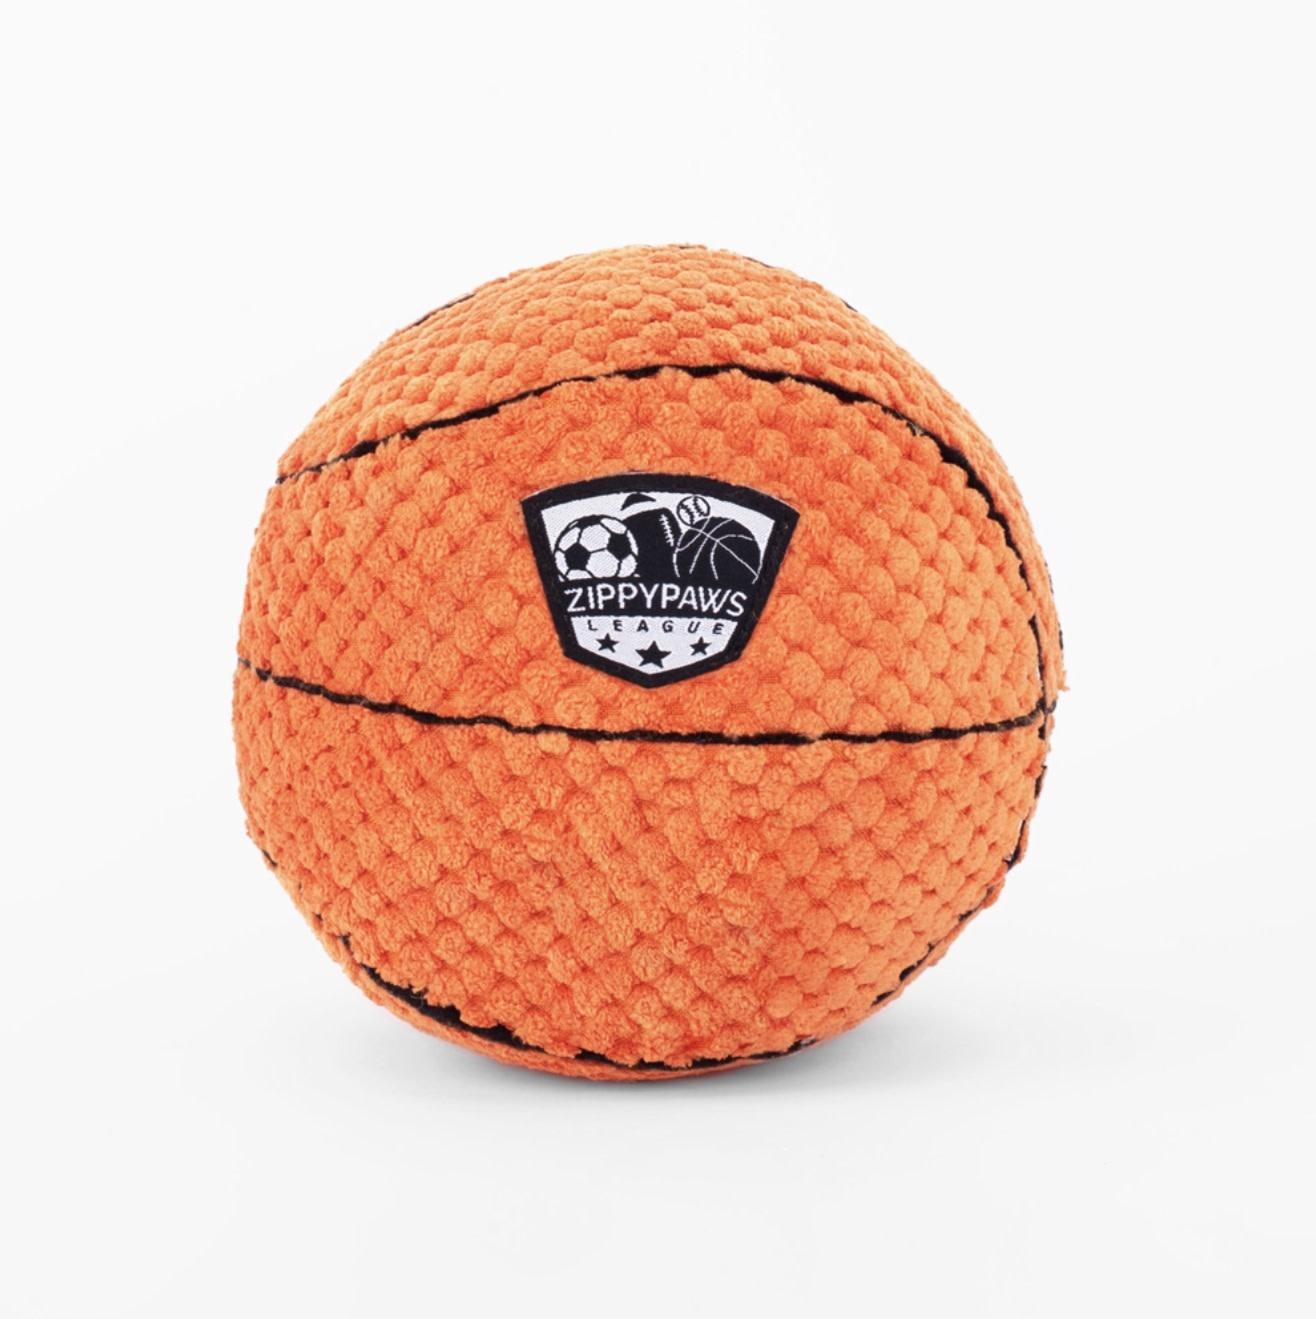 Zippypawz Sportballz